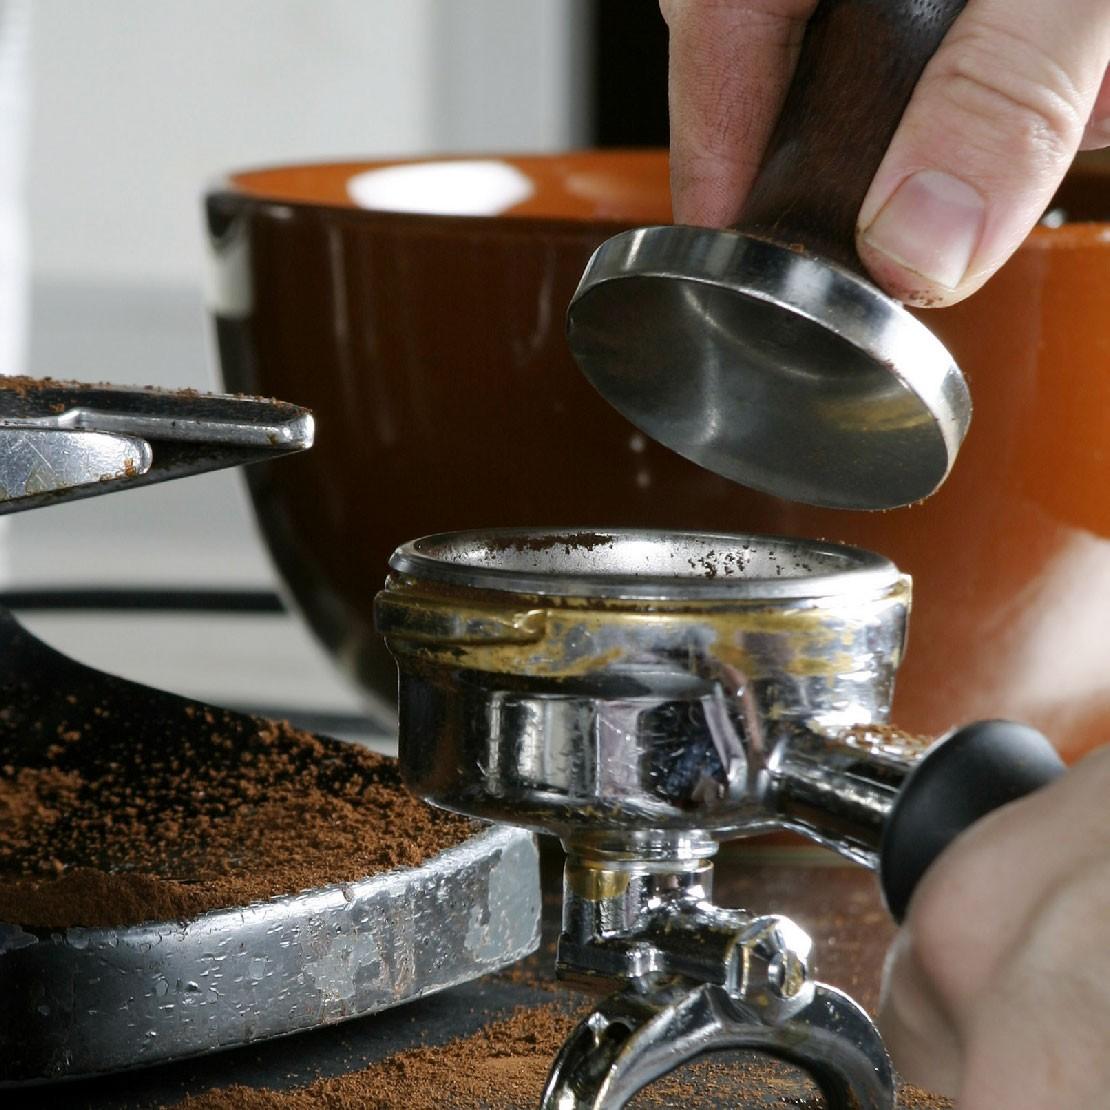 咖啡師實務課程  (第208屆) 2021.08.06 - 2021.09.24  (Fri)